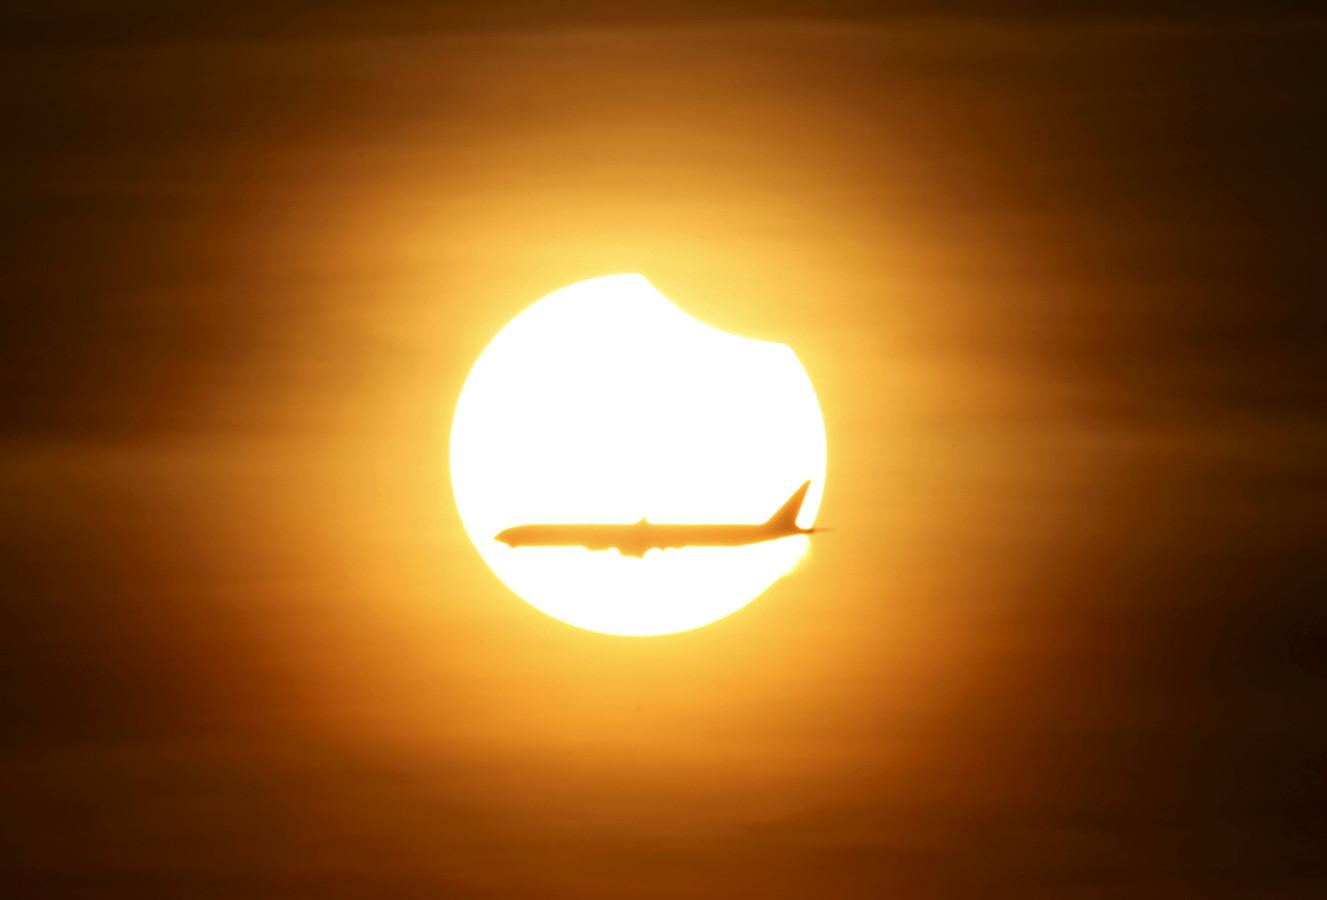 De gedeeltelijke zonsverduistering zal morgen prima te zien zijn, wie hem mist moet wachten tot 25 oktober 2022.